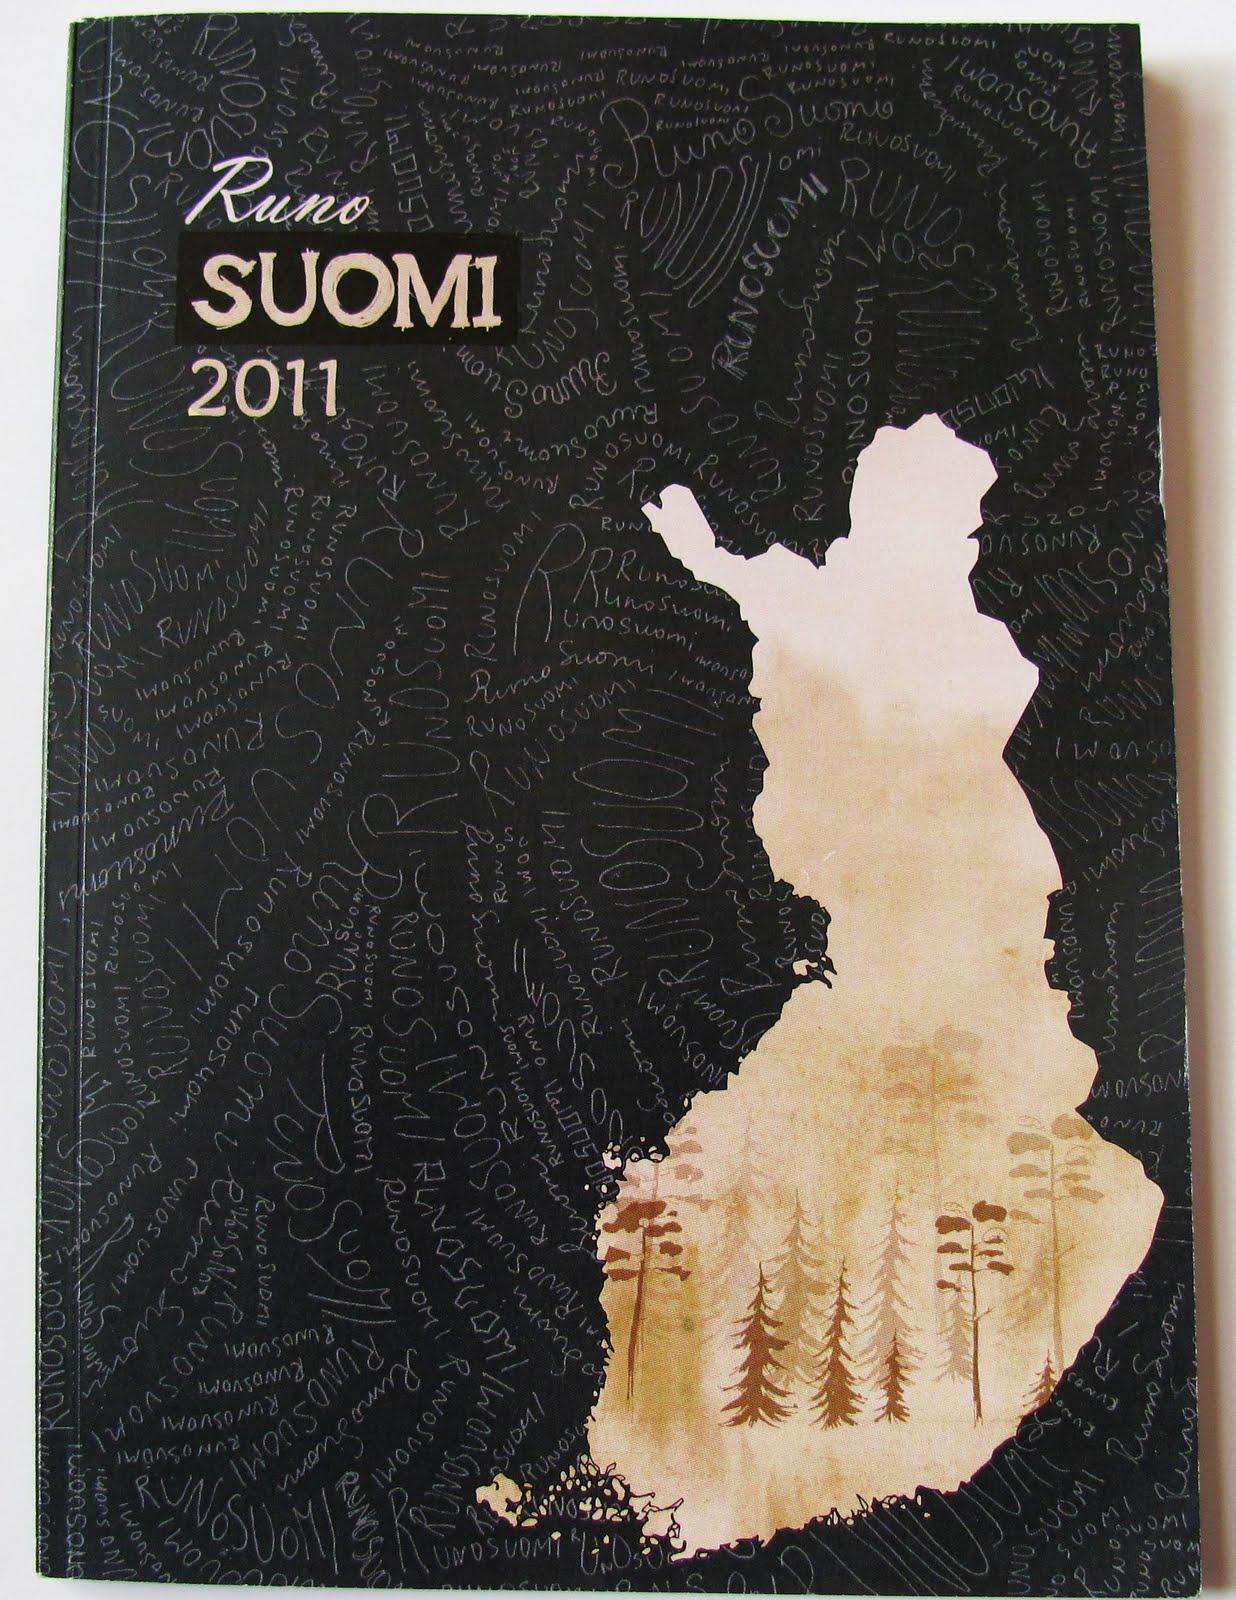 Suomi Runo